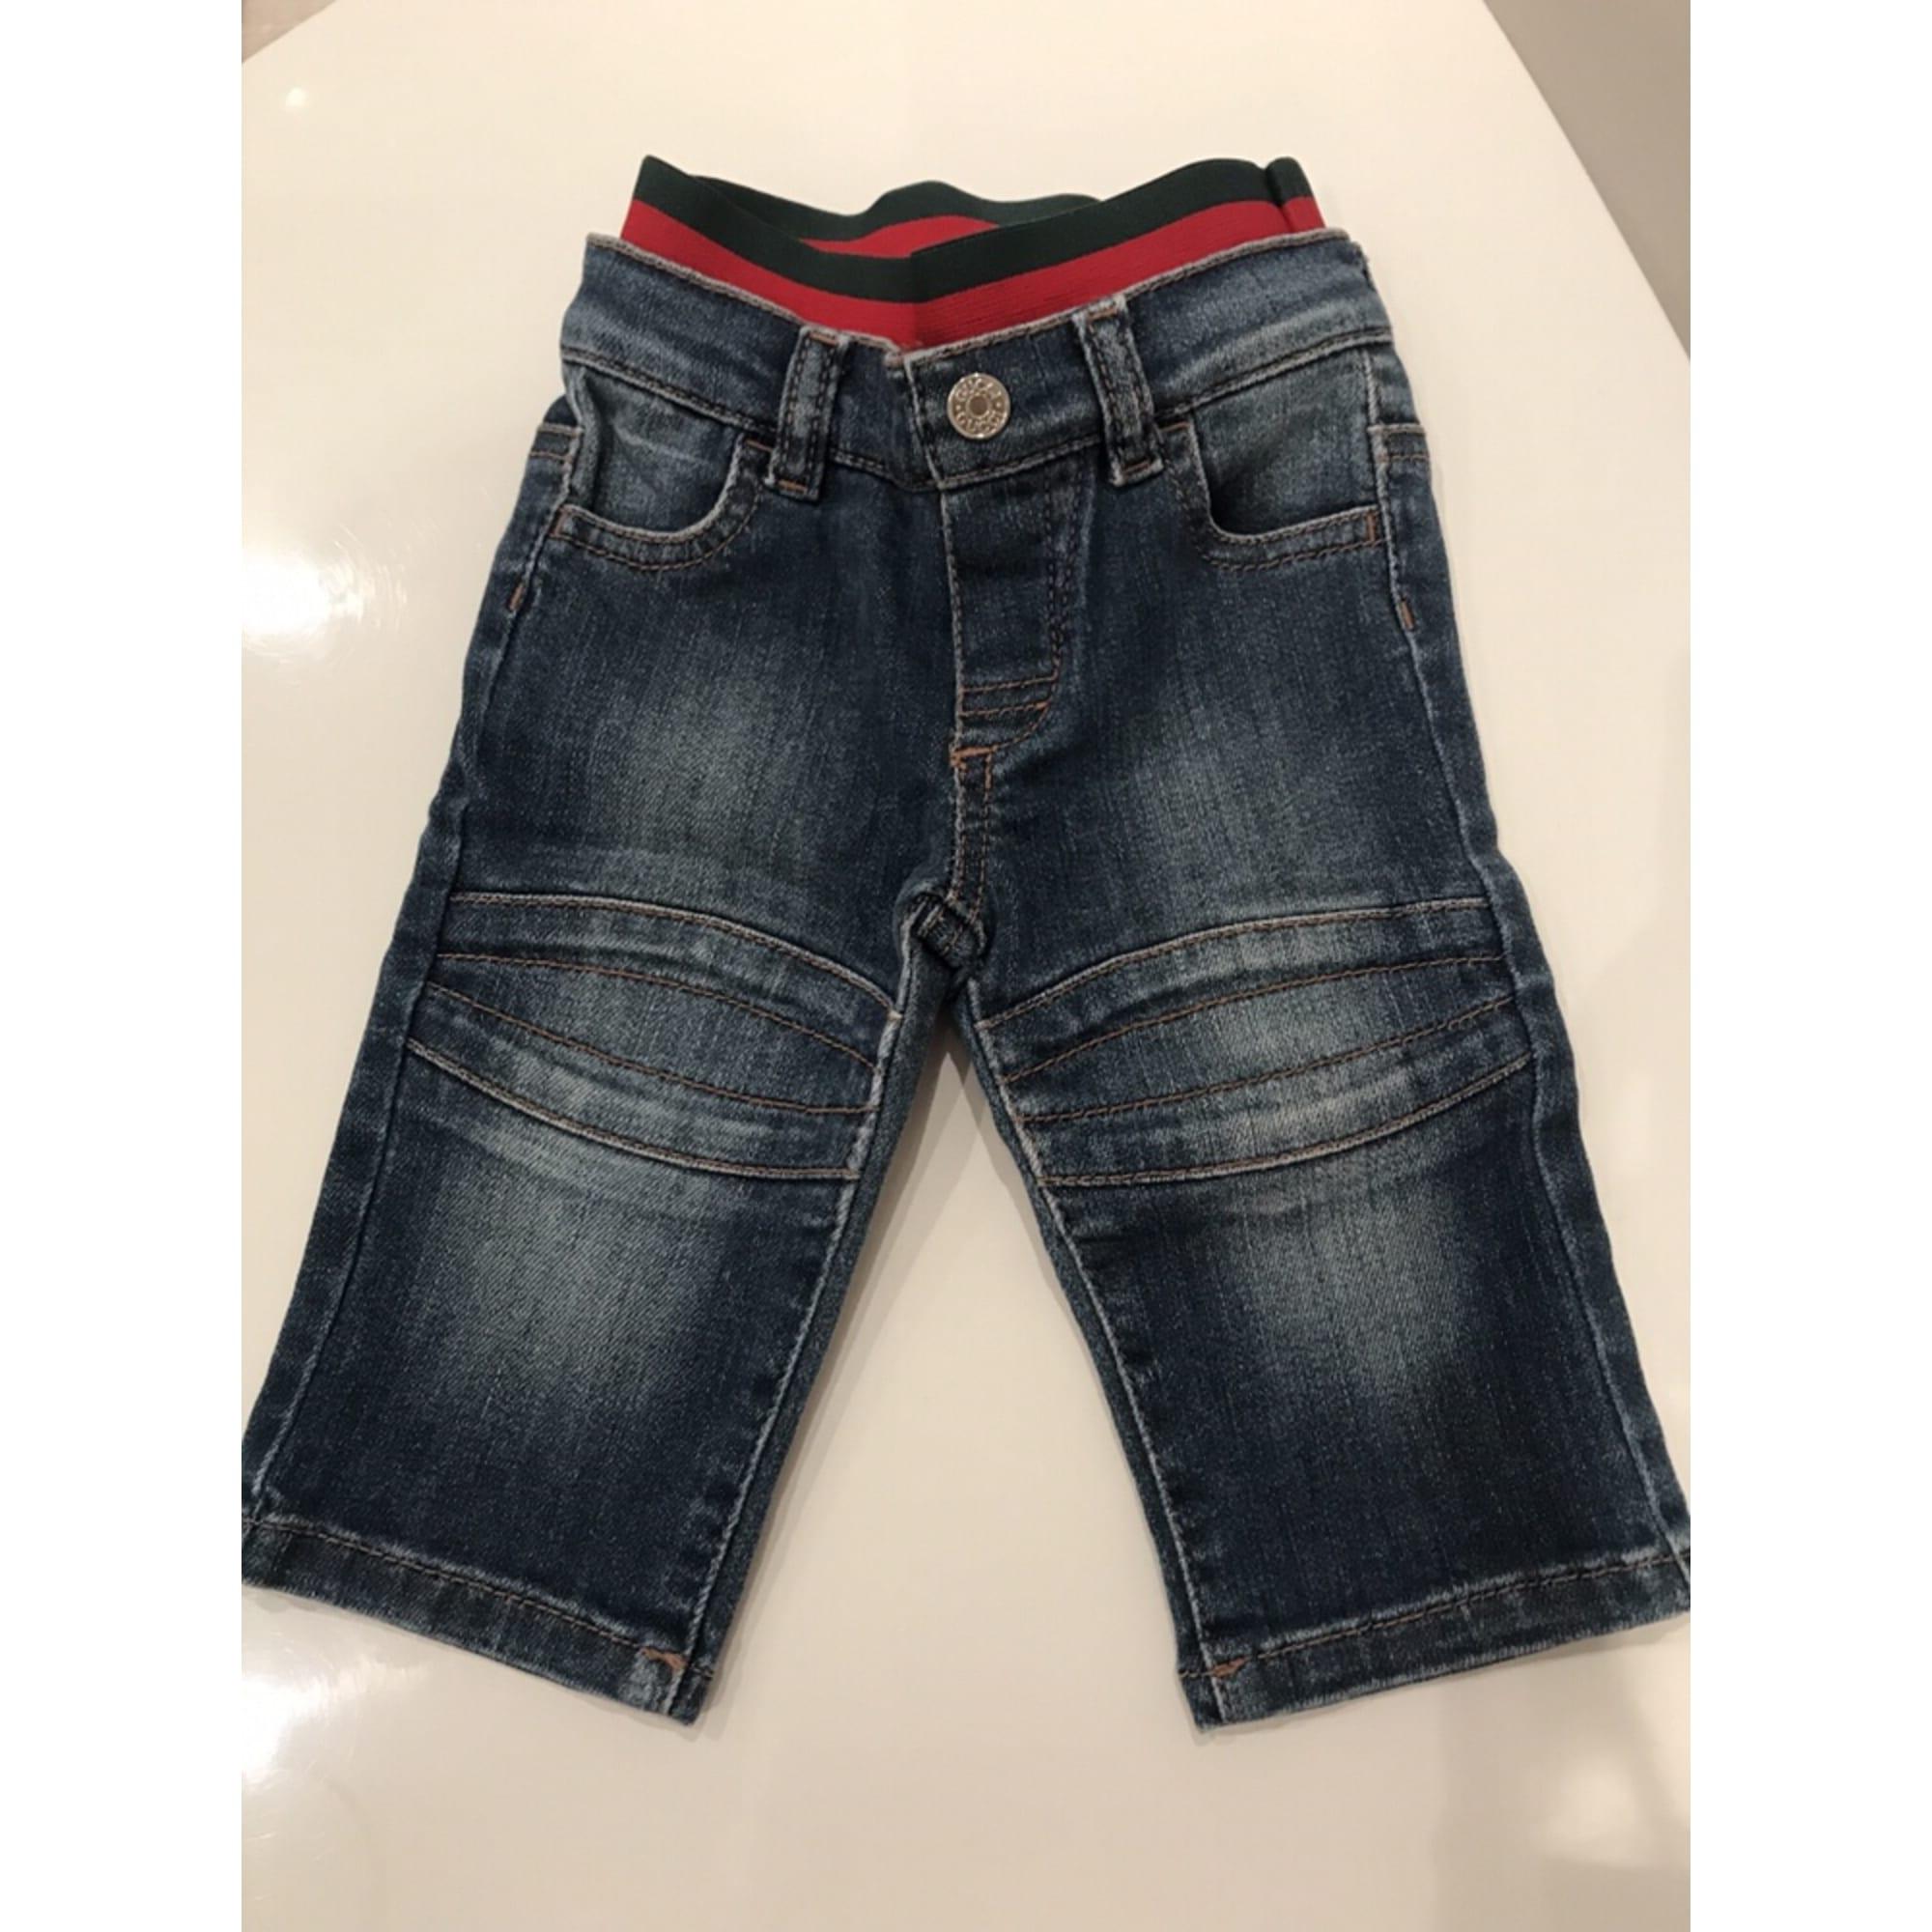 Jeans GUCCI Blau, marineblau, türkisblau